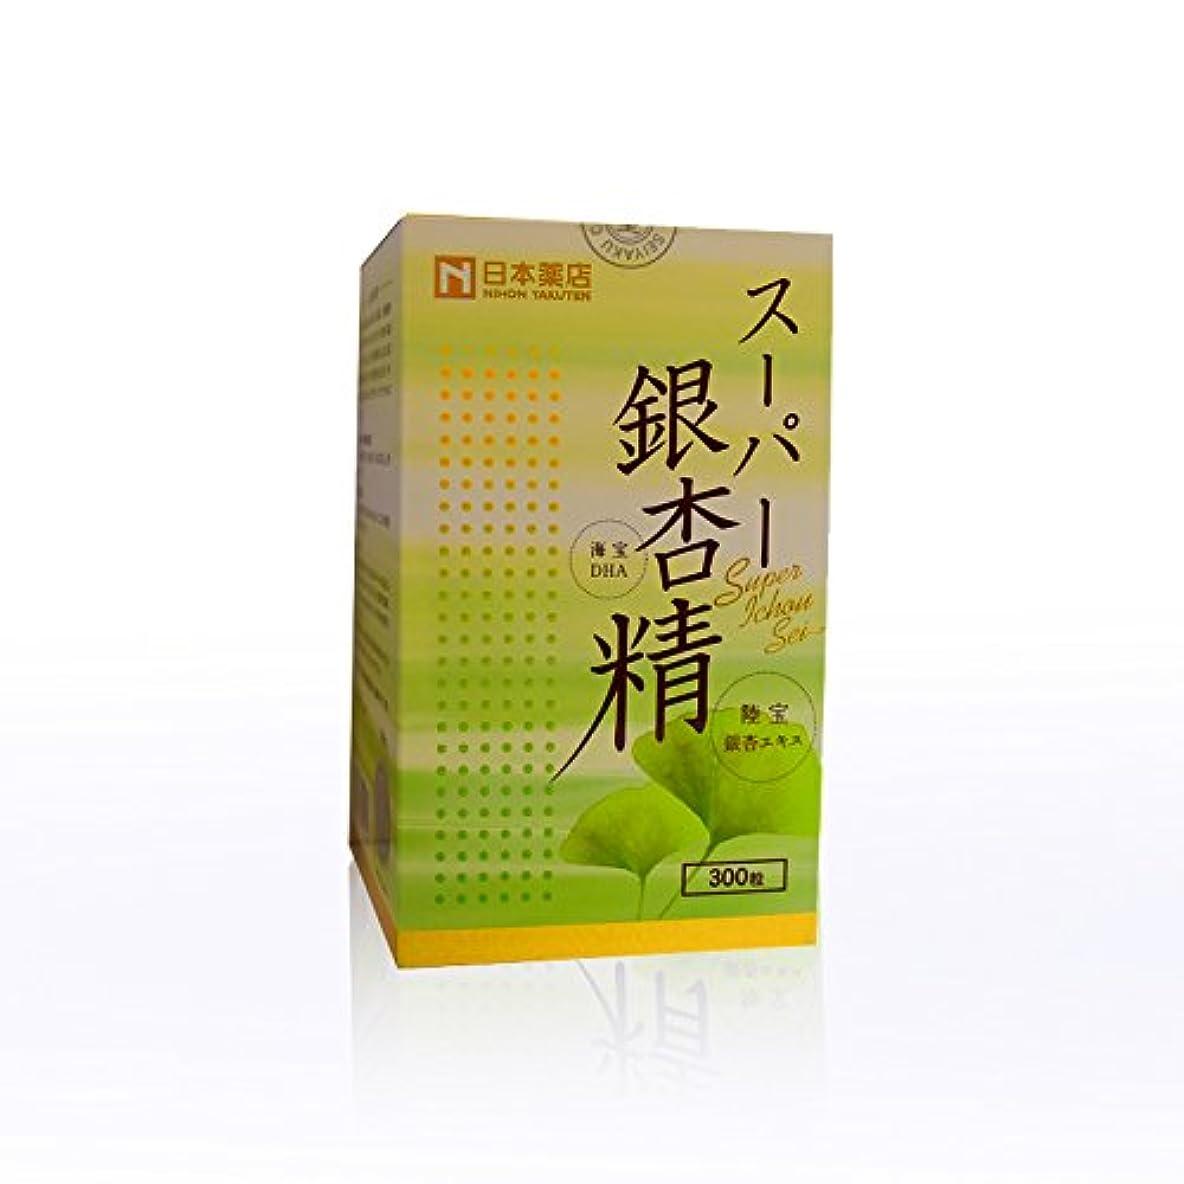 祝う罪悪感とげのある薬王製薬 スーパー銀杏精(ギンナンセイ) 300粒 377